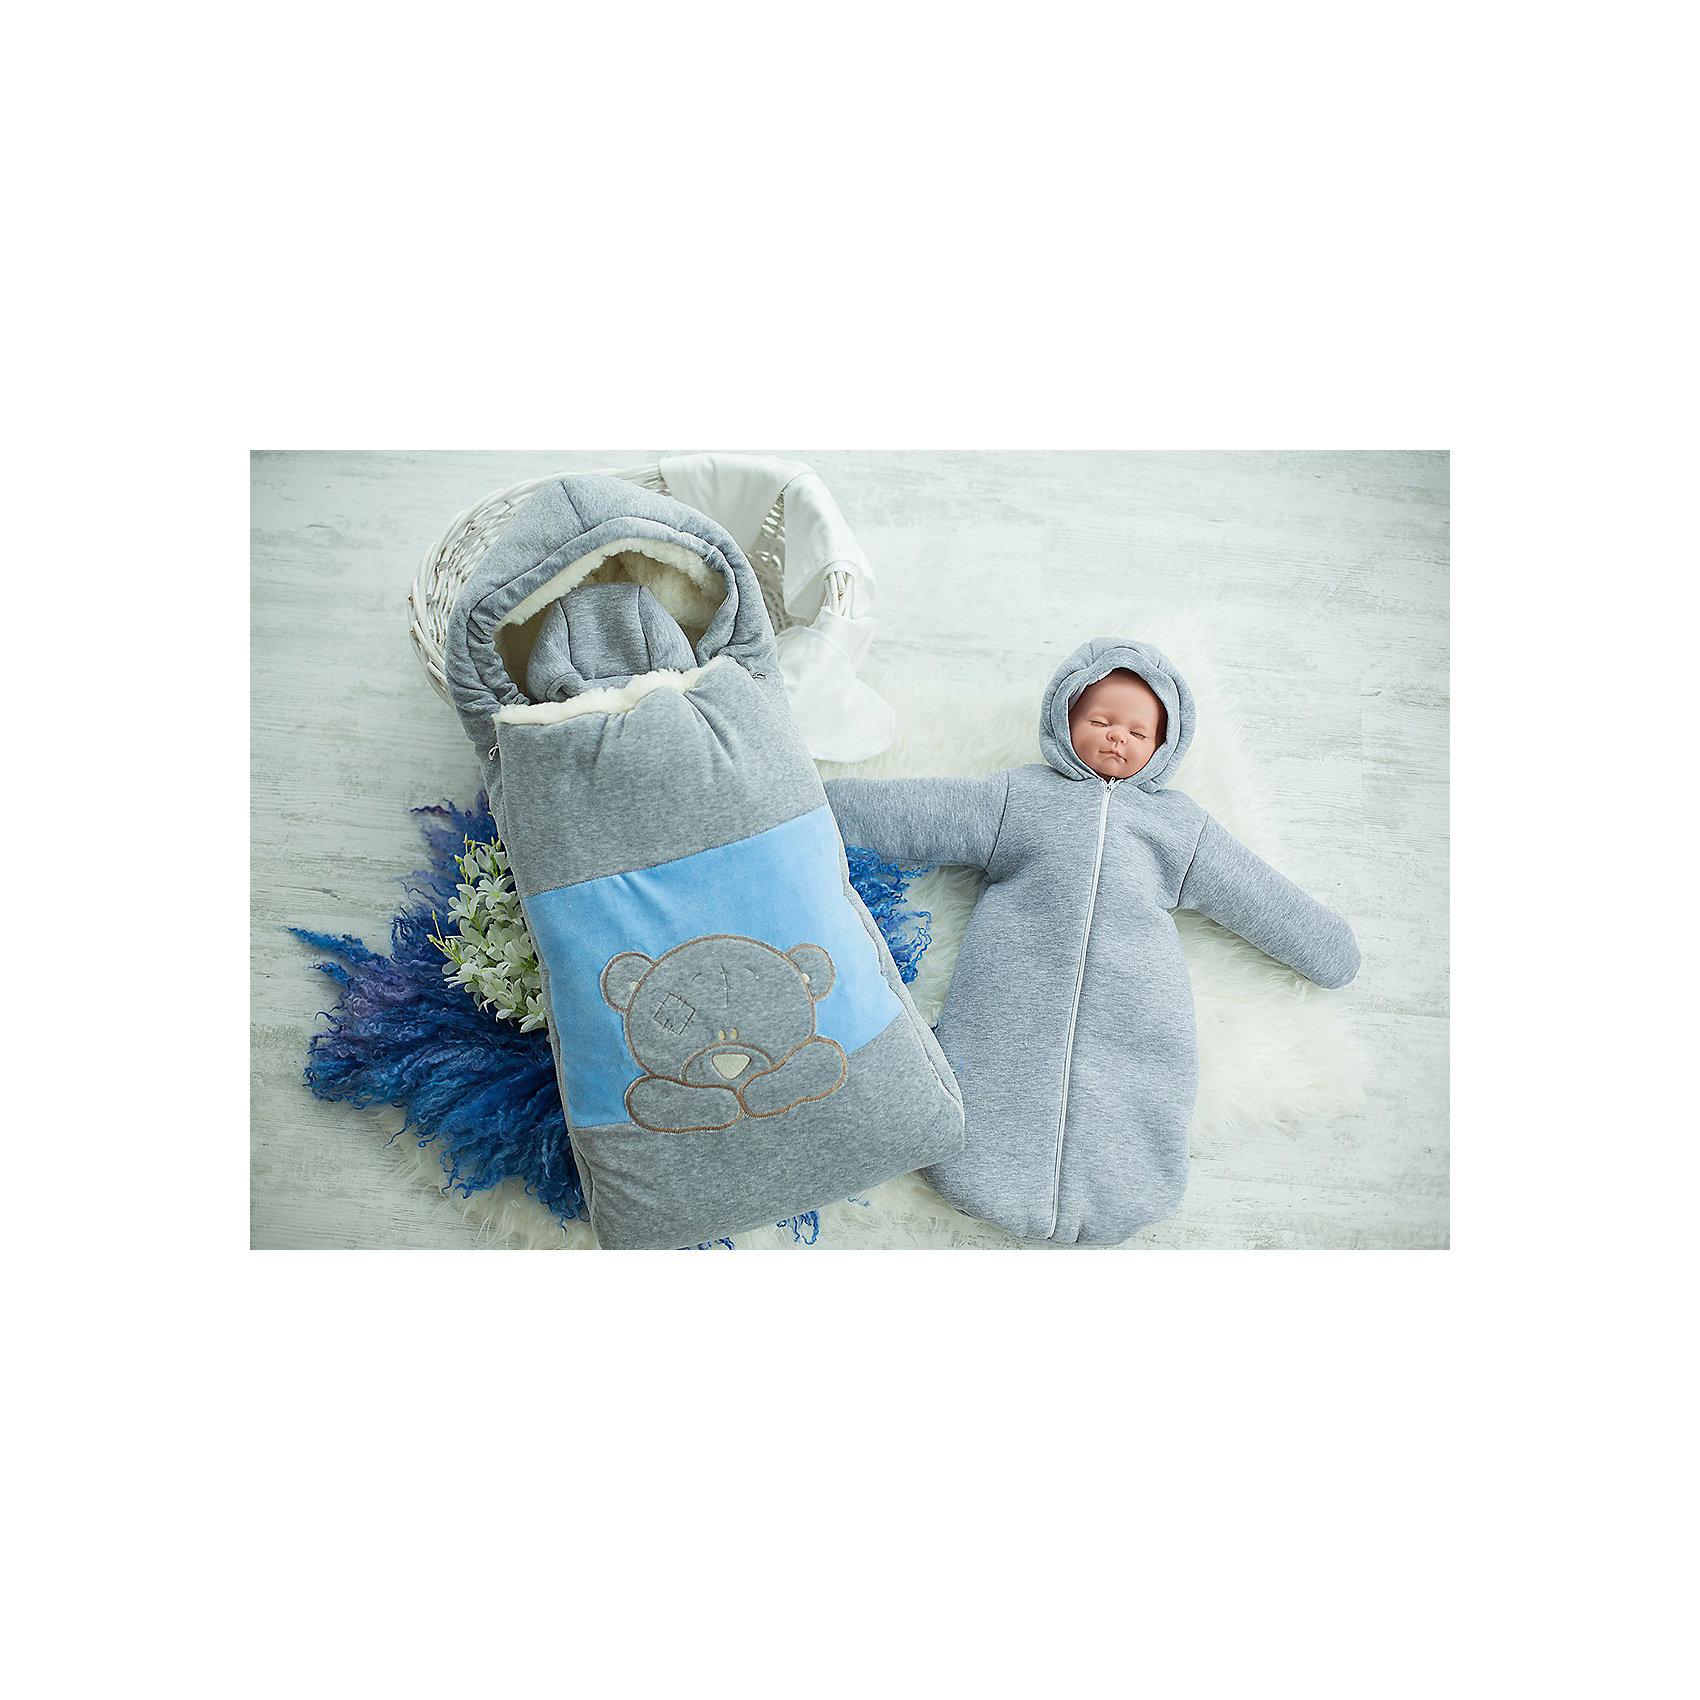 Комплект на выписку 6 пред., GulSara, 81.1 зима, велюр, серыйКонверты на выписку<br>Характеристики:<br><br>• Вид детского текстиля: комплект на выписку<br>• Предназначение: на выписку, для прогулки<br>• Сезон: зима<br>• Утеплитель: высокая степень<br>• Температурный режим: от -5? С до -20? С<br>• Пол: для мальчика<br>• Тематика рисунка: медвежонок<br>• Материал: велюр, футер<br>• Цвет: голубой, серый<br>• Комплектация:<br> конверт на меху – 1 шт. 80*50 см<br> шапочка на синтепоне – 1 шт. р-р 56-36<br> спальный мешок на молнии – 1 шт. р-р 56-36<br> ползунки – 1 шт. р-р 56-36<br> распашонка – 1 шт. р-р 56-36<br> чепчик – 1 шт. р-р 56-36<br>• Особенности ухода: машинная стирка при температуре 30 градусов без использования отбеливающих и красящих веществ<br><br>Комплект на выписку 6 пред., GulSara, 81.1 зима, велюр, серый от отечественного швейного производства, который выпускает современный текстиль и товары для новорожденных, изготовленных на основе вековых традиций. В своем производстве GulSara использует только экологичные и натуральные материалы, что обеспечивает их безопасность даже для малышей с чувствительной кожей. Набор предназначен для выписки в зимний период и состоит из утепленного конверта на меху, шапочки и спального мешка на молнии. <br><br>В качестве наполнителя использован синтепон – легкий, но при этом гипоаллергенный материал. Комплект нижней одежды состоит из ползунков, распашонки и чепчика, изготовленных из мягкого футера. Конверт декорирован аппликацией в виде медвежонка. Комплект на выписку 6 пред., GulSara, 81.1 зима, велюр, серый создаст изысканный и неповторимый образ вашего малыша!<br><br>Комплект на выписку 6 пред., GulSara, 81.1 зима, велюр, серый можно купить в нашем интернет-магазине.<br><br>Ширина мм: 800<br>Глубина мм: 500<br>Высота мм: 150<br>Вес г: 1700<br>Возраст от месяцев: 0<br>Возраст до месяцев: 6<br>Пол: Мужской<br>Возраст: Детский<br>SKU: 5433409